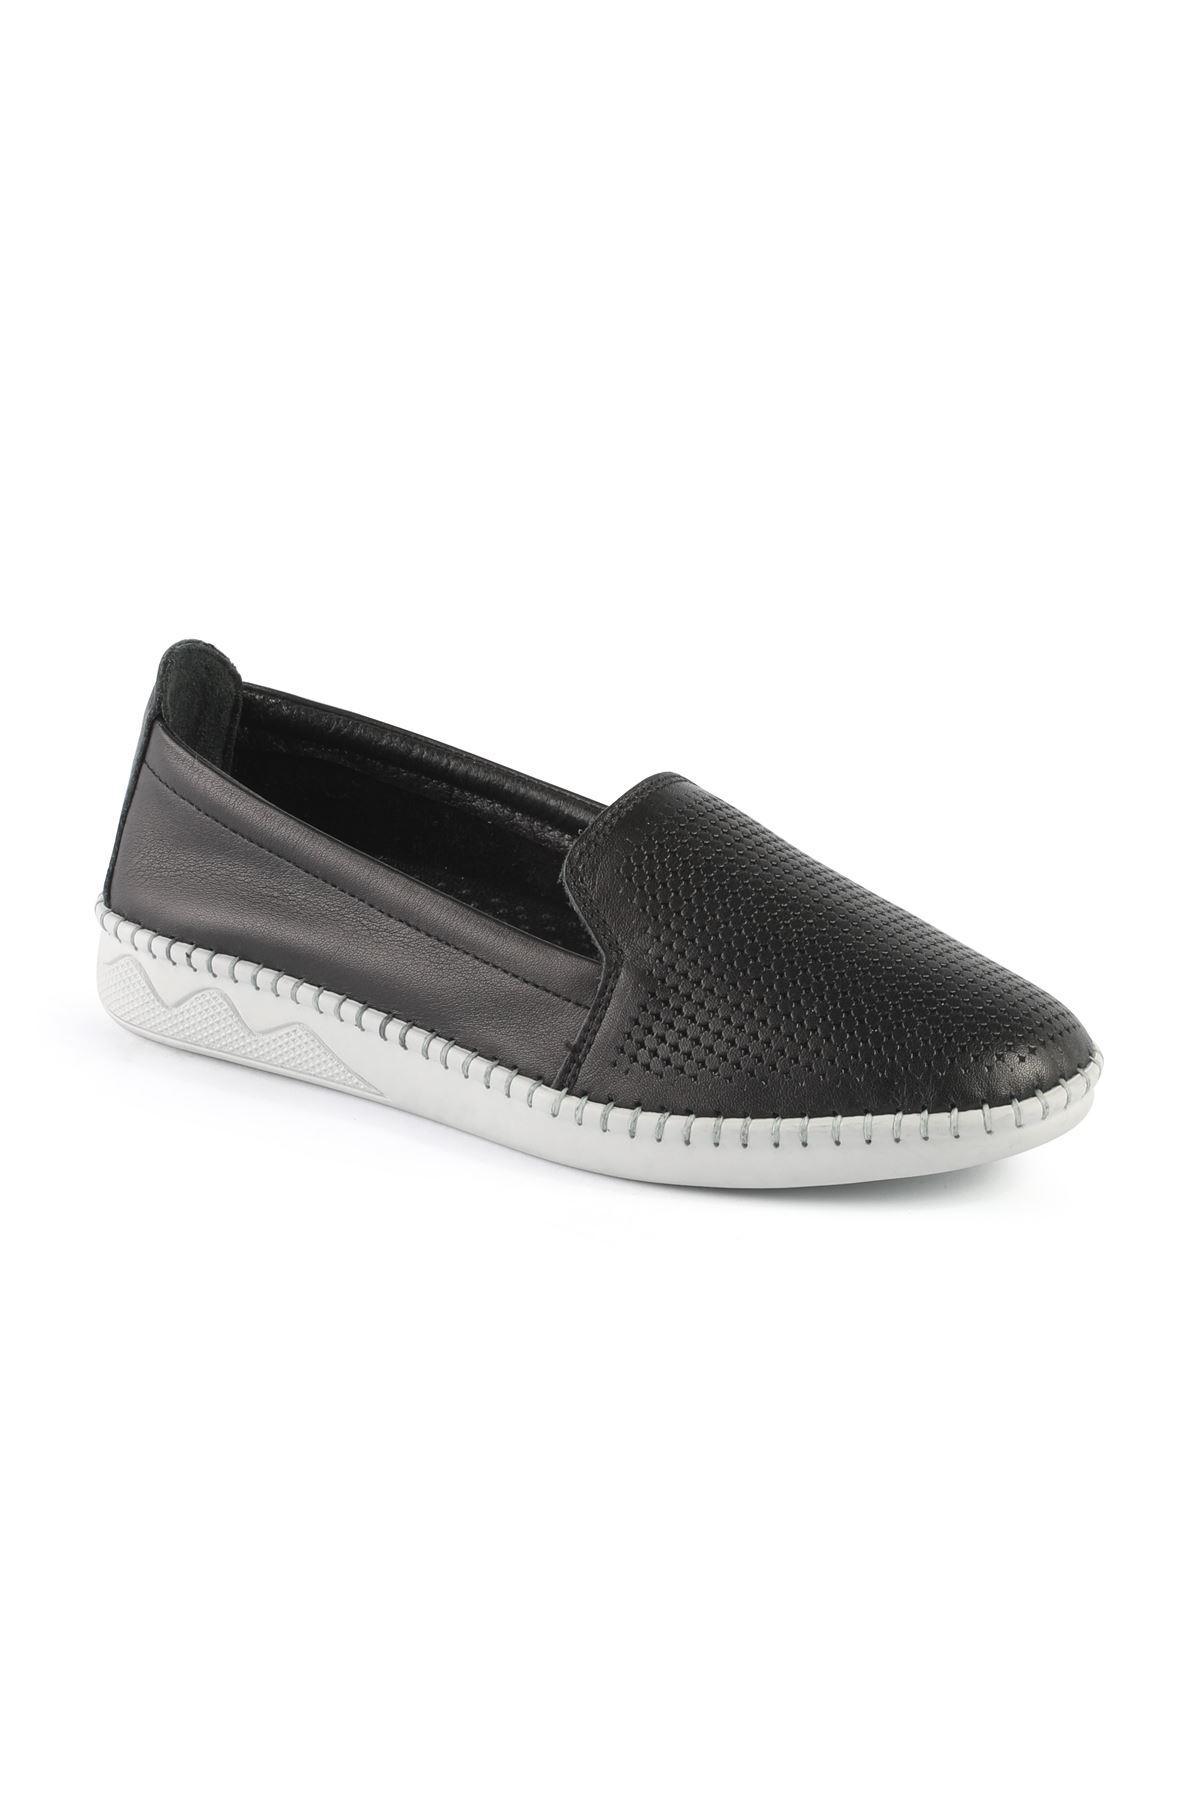 Libero FMS239 Siyah Babet Ayakkabı